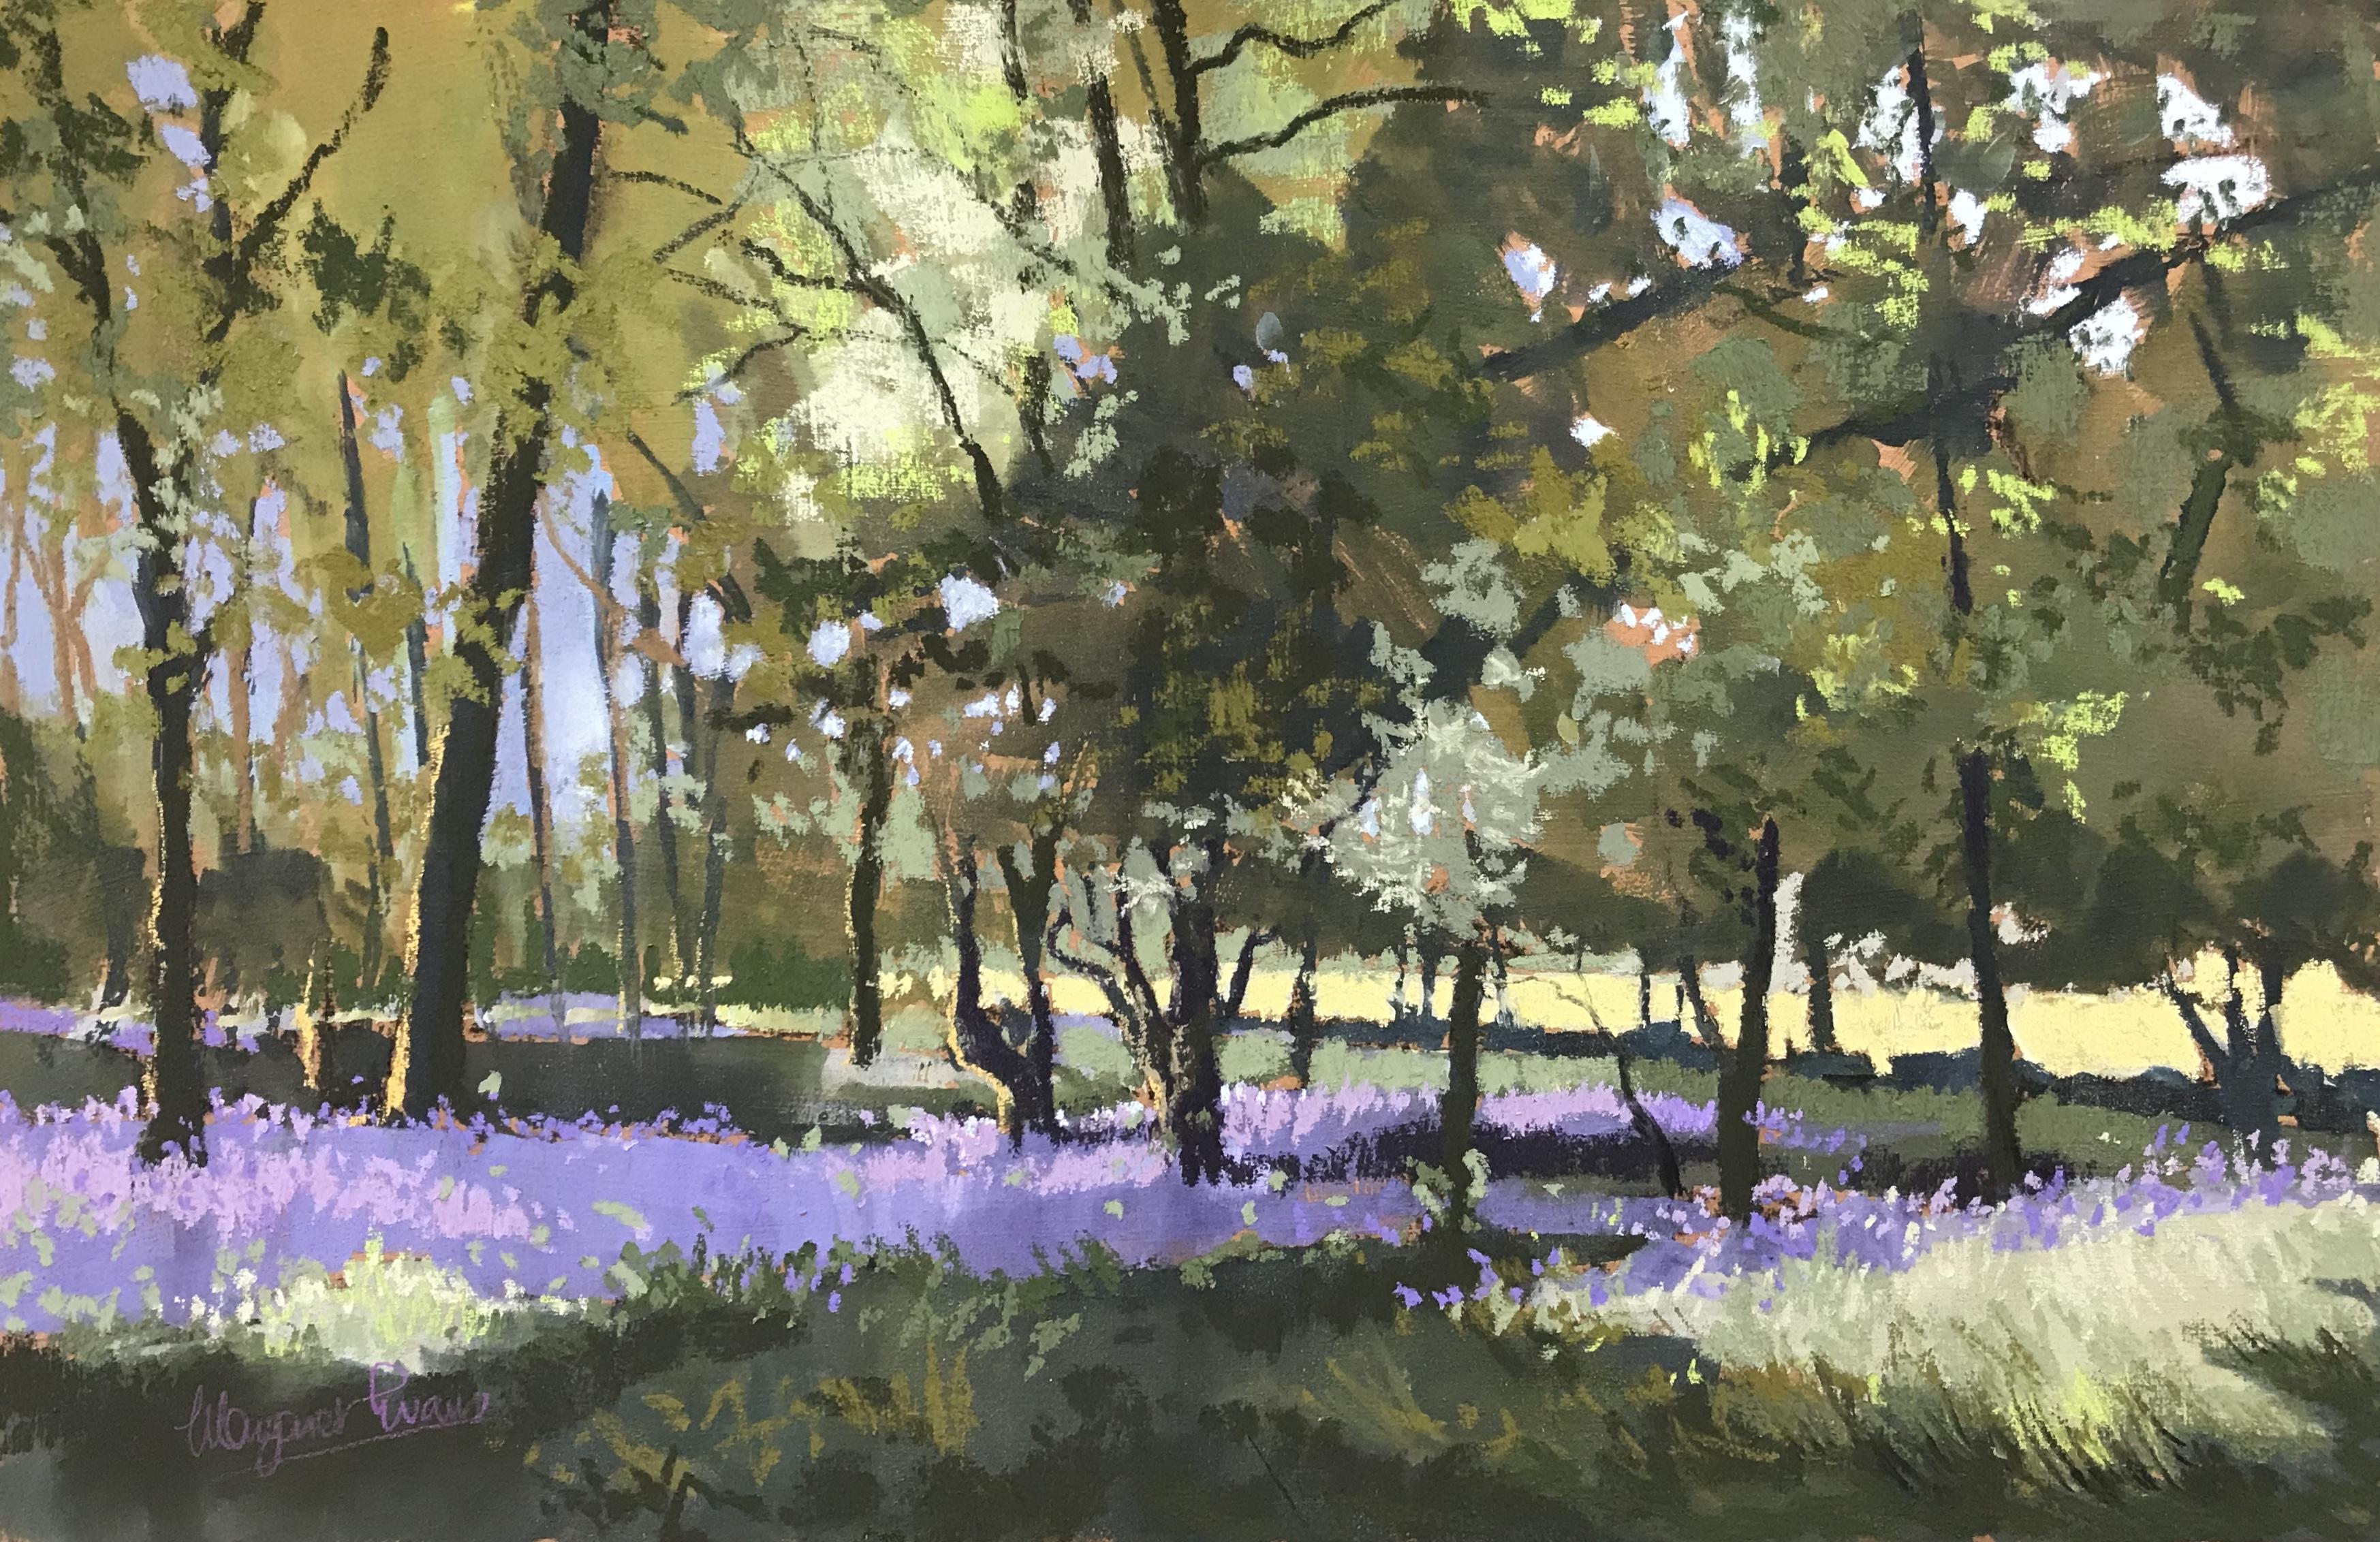 Margaret Evans_Bluebell Woods I_Pastel & Gouache_12x18